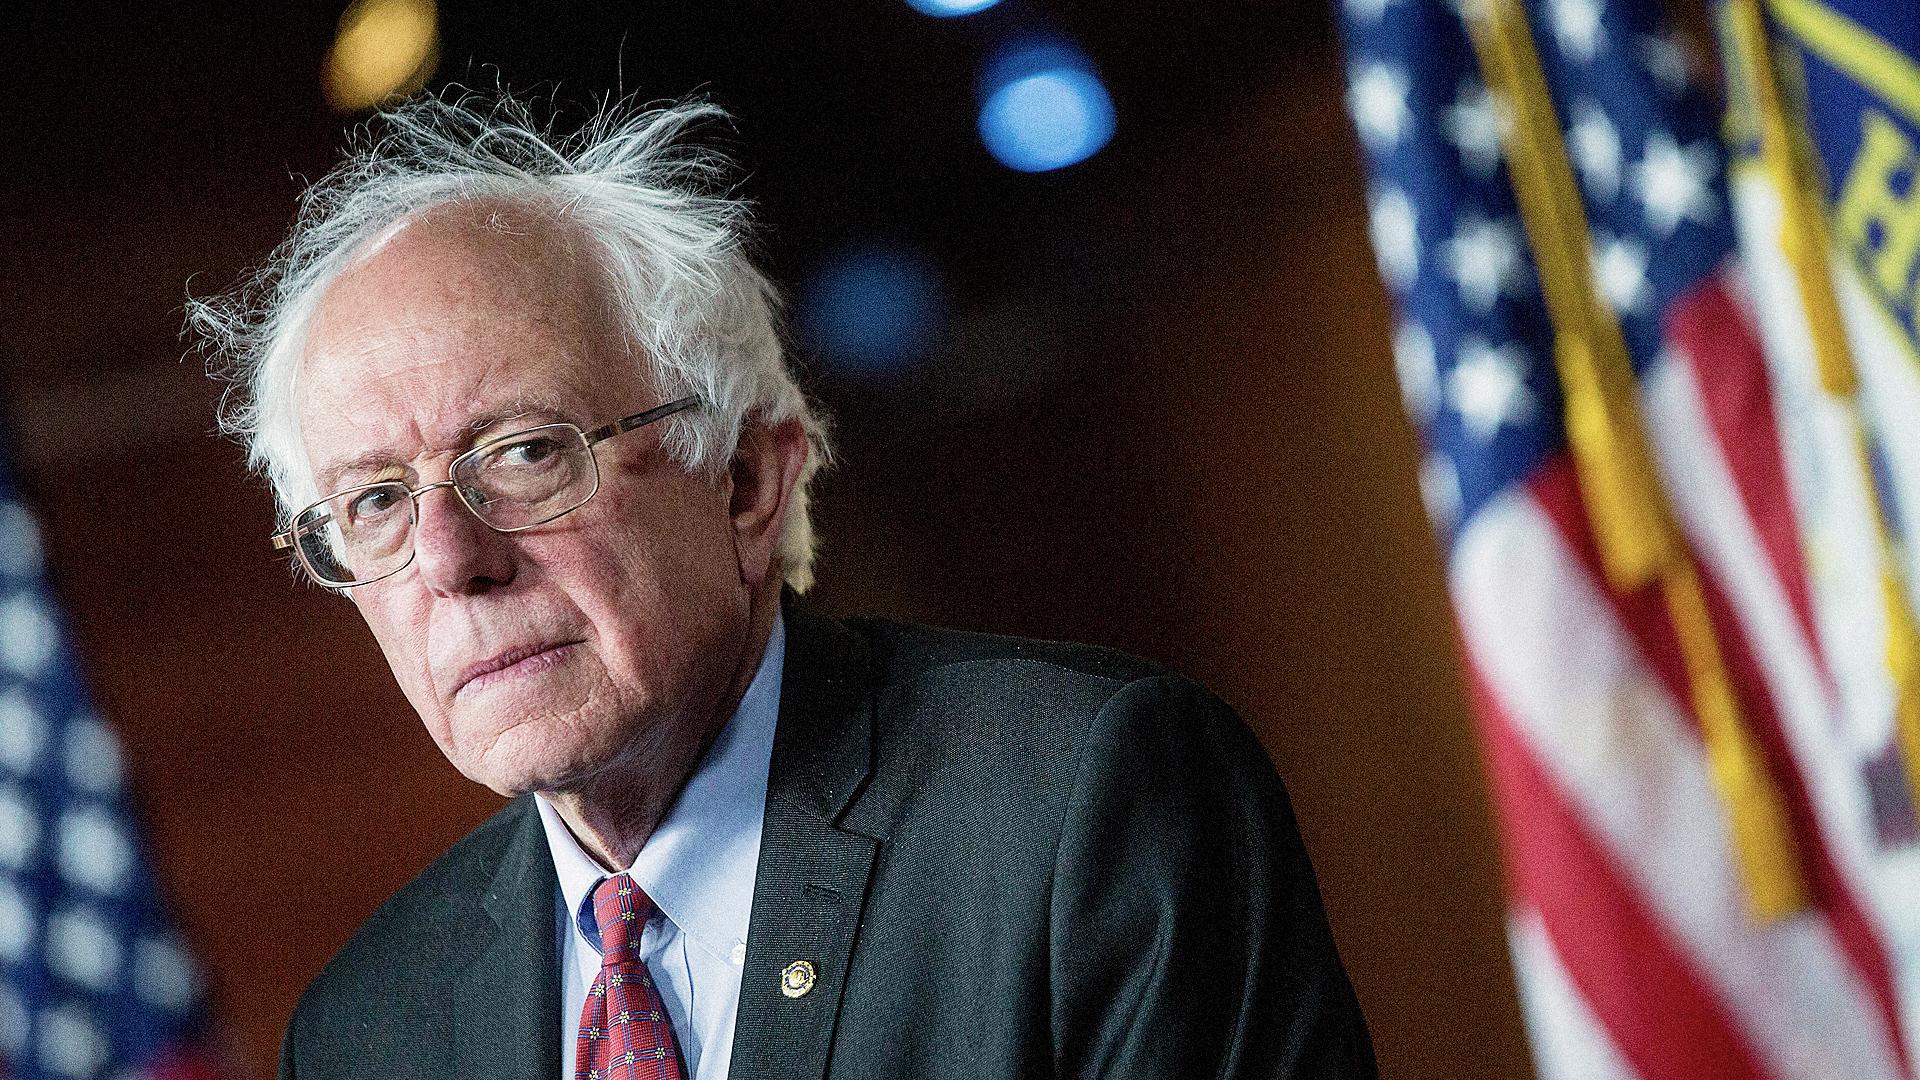 Skeptical of Bernie Sanders